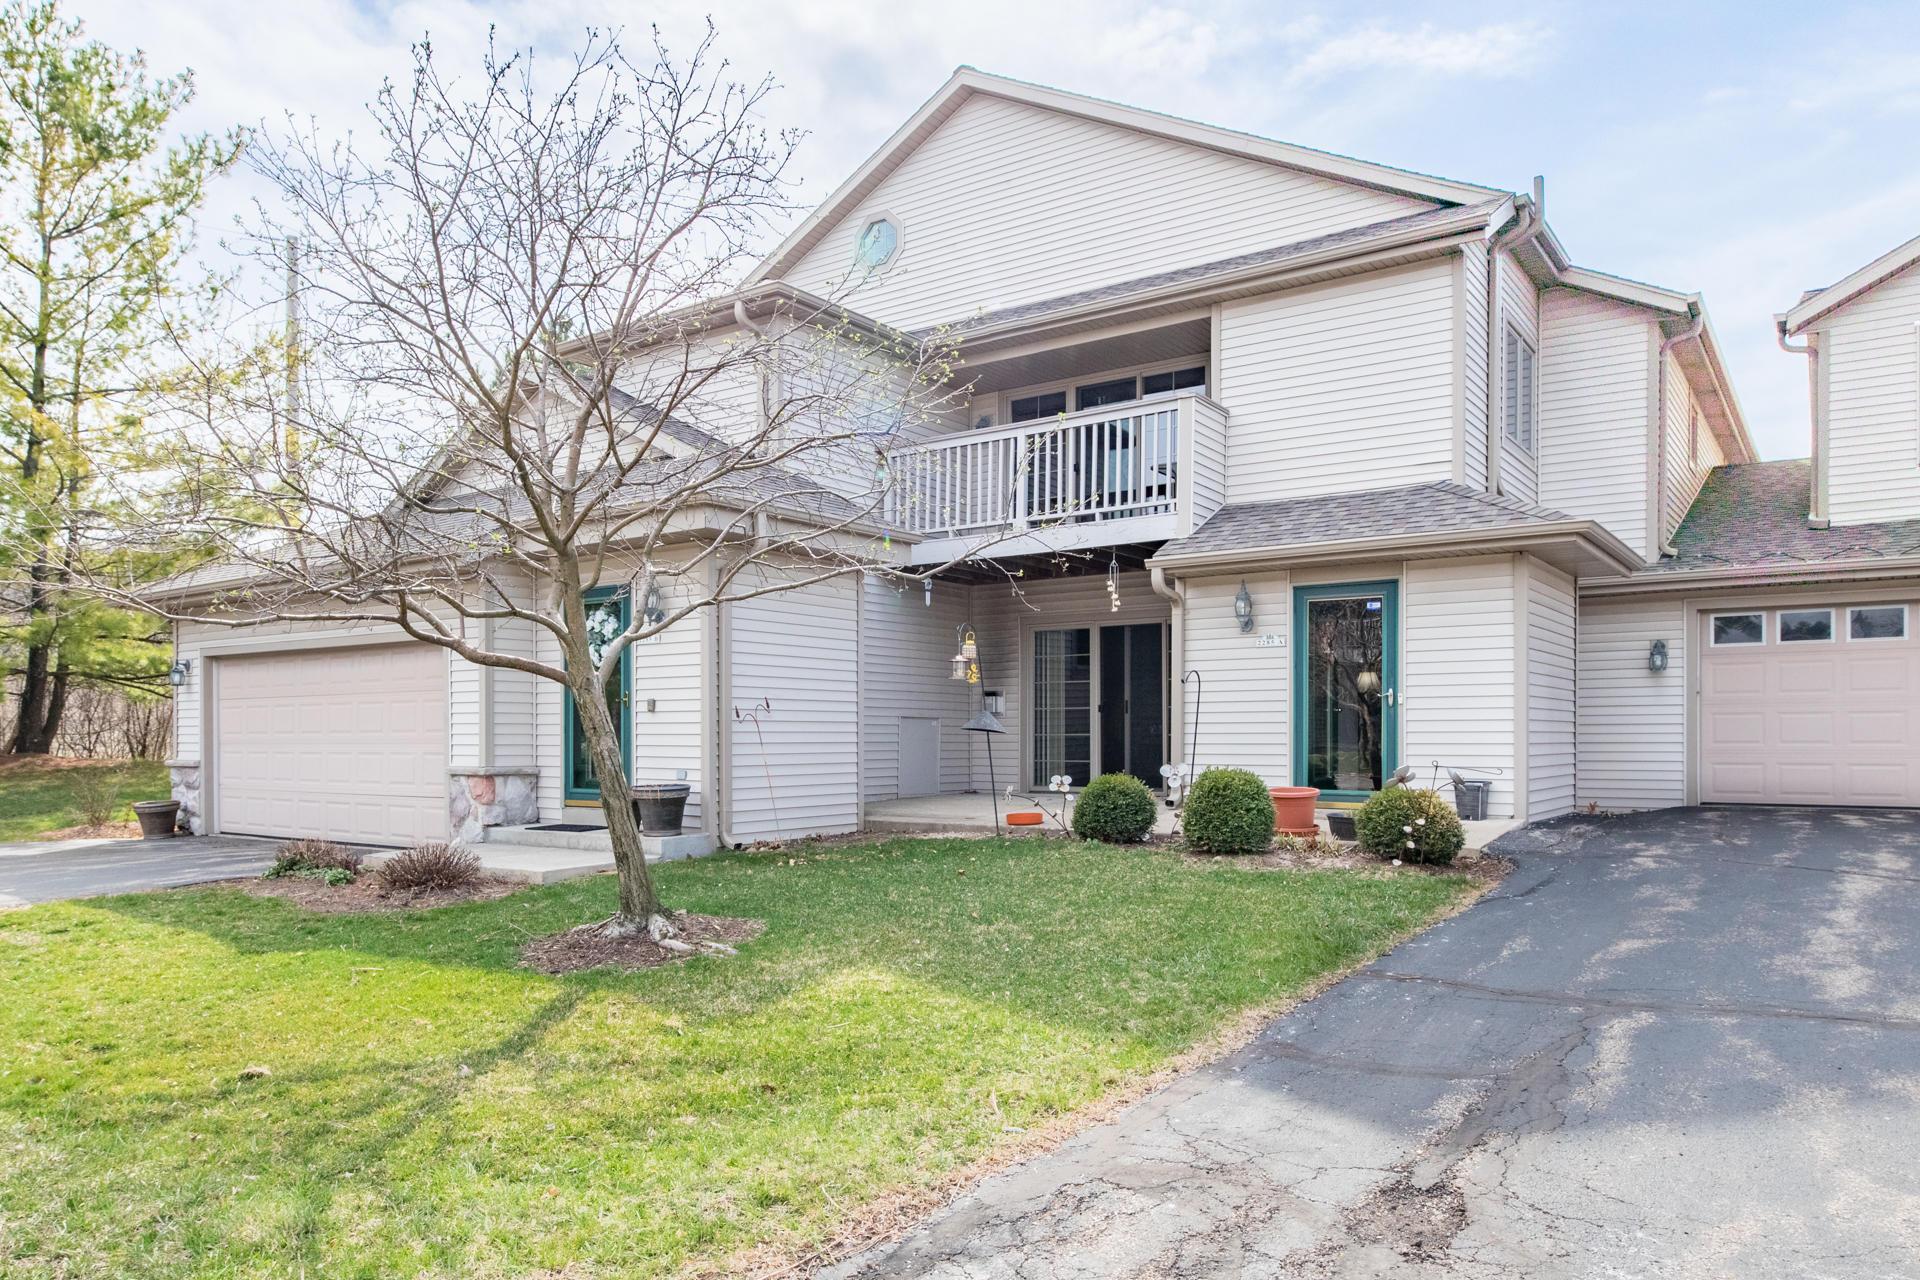 2285 Circle Rdg, Delafield, Wisconsin 53018, 2 Bedrooms Bedrooms, ,2 BathroomsBathrooms,Condominiums,For Sale,Circle Rdg,2,1734085